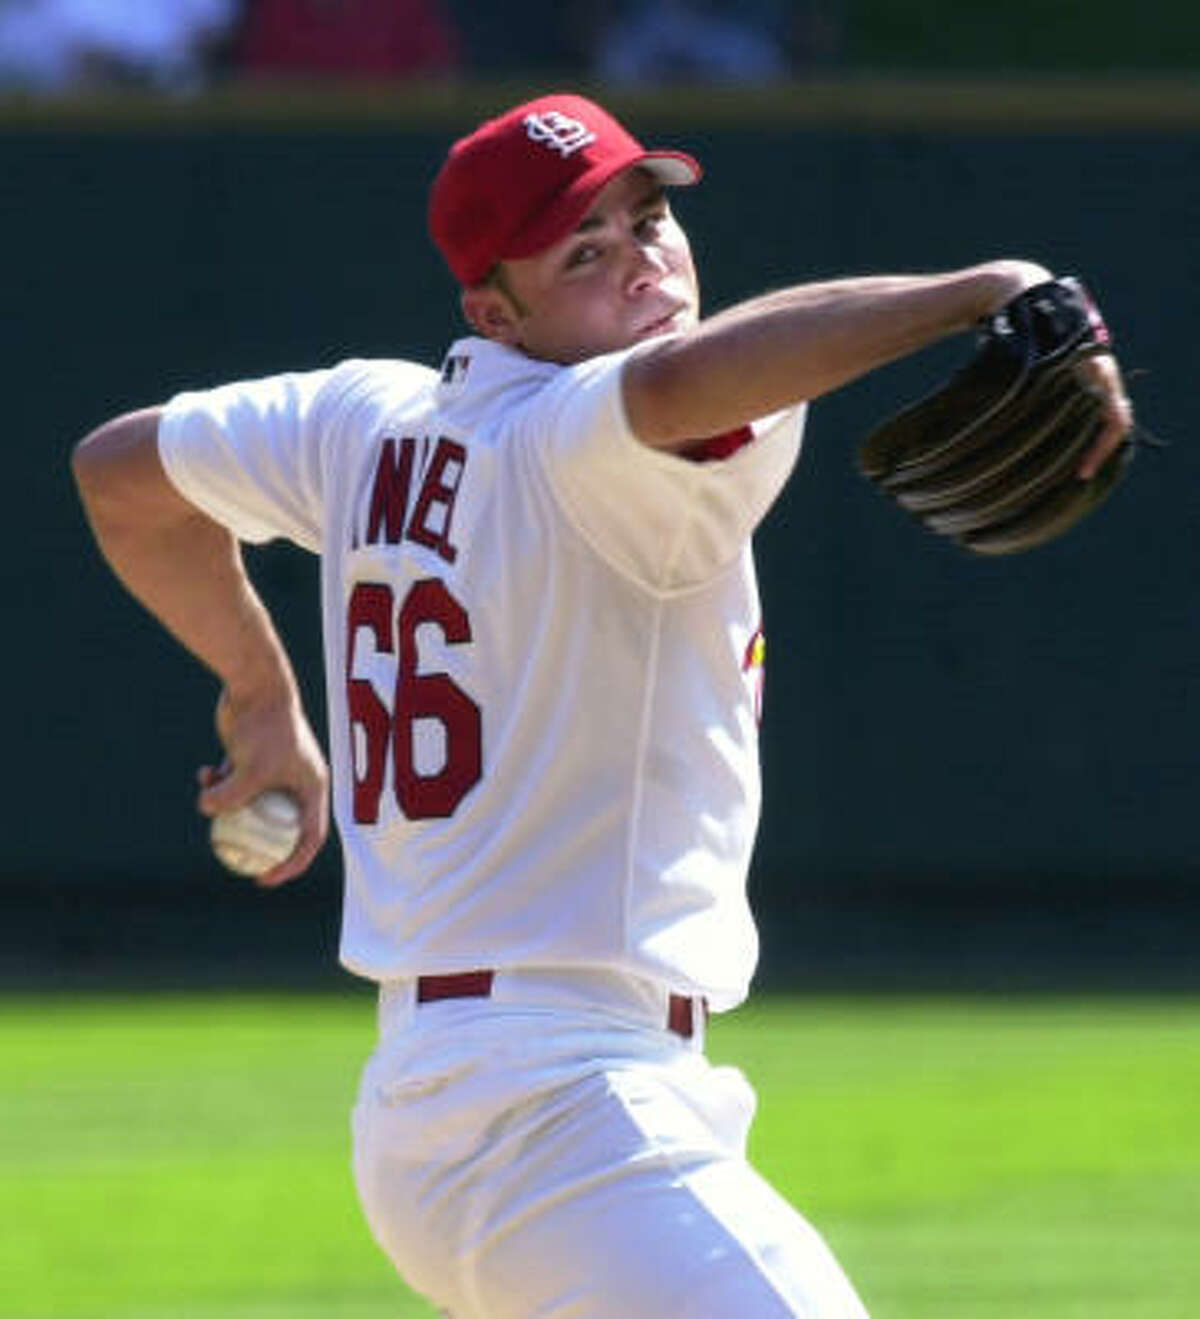 Rick Ankiel, St. Louis Cardinals Year: 2000 W-L: 11-7 ERA: 3.50 Starts: 31 IP: 175 BB: 90 Ks: 194